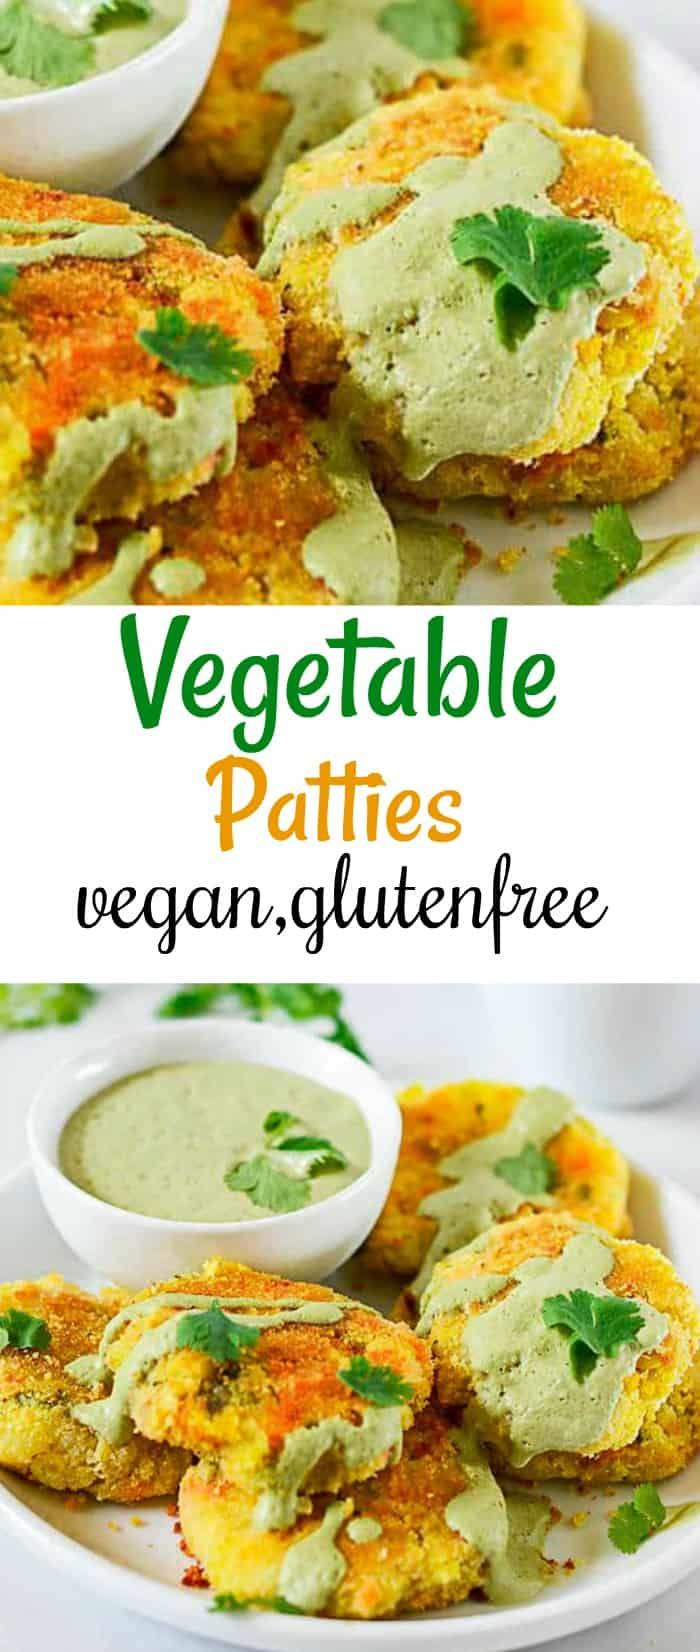 Vegetable Patties With Cilantro Sauce